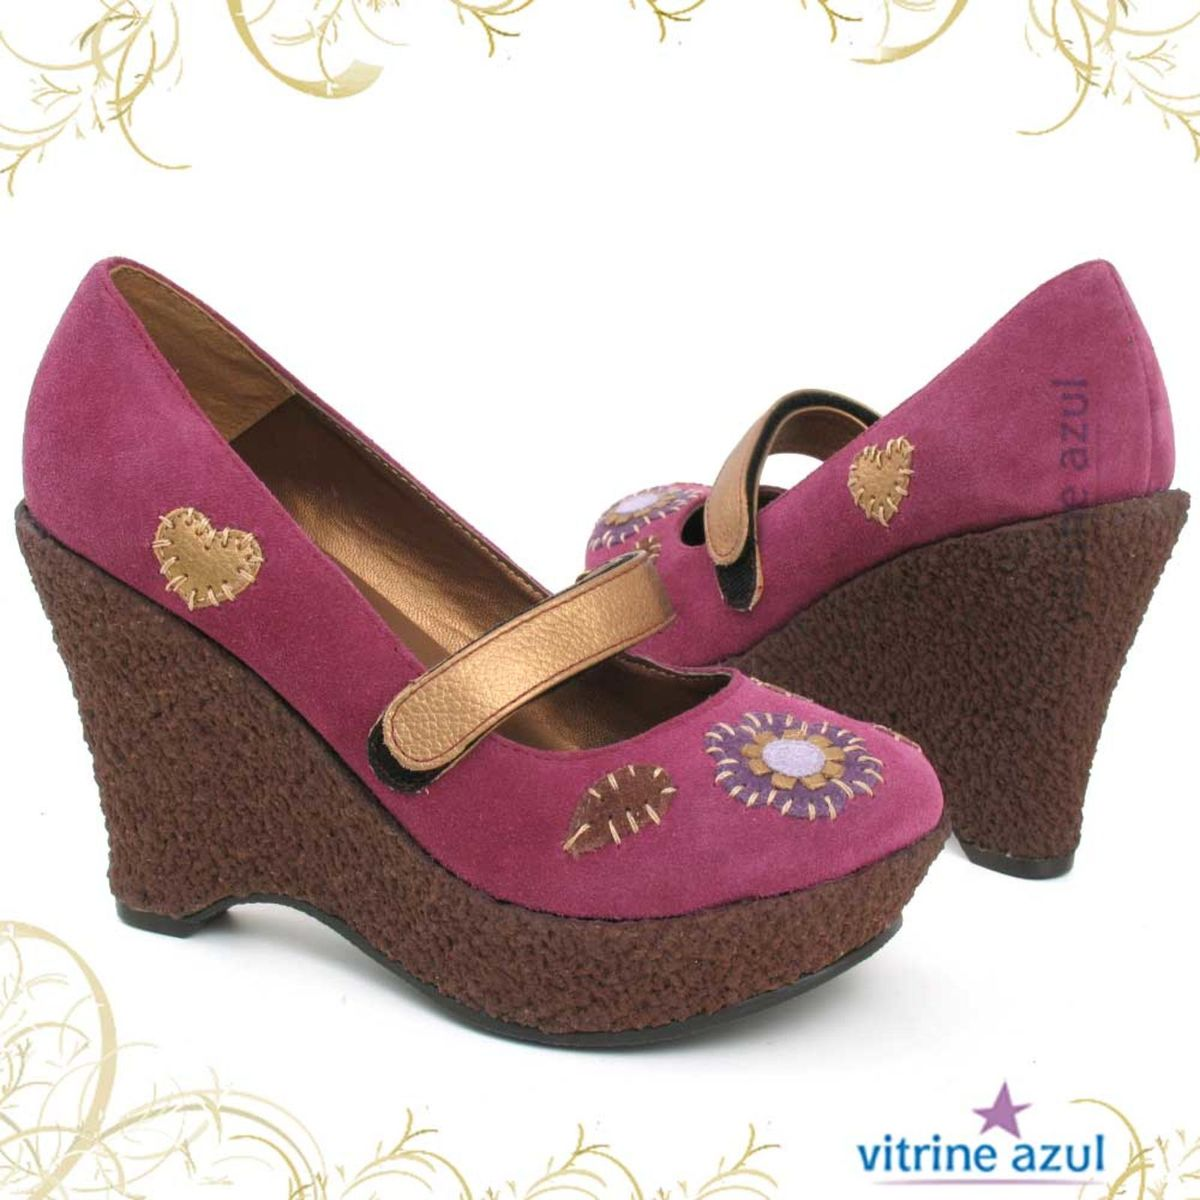 0ec168deaa Sapato Feminino Para Raio Nunca Usado 18730850